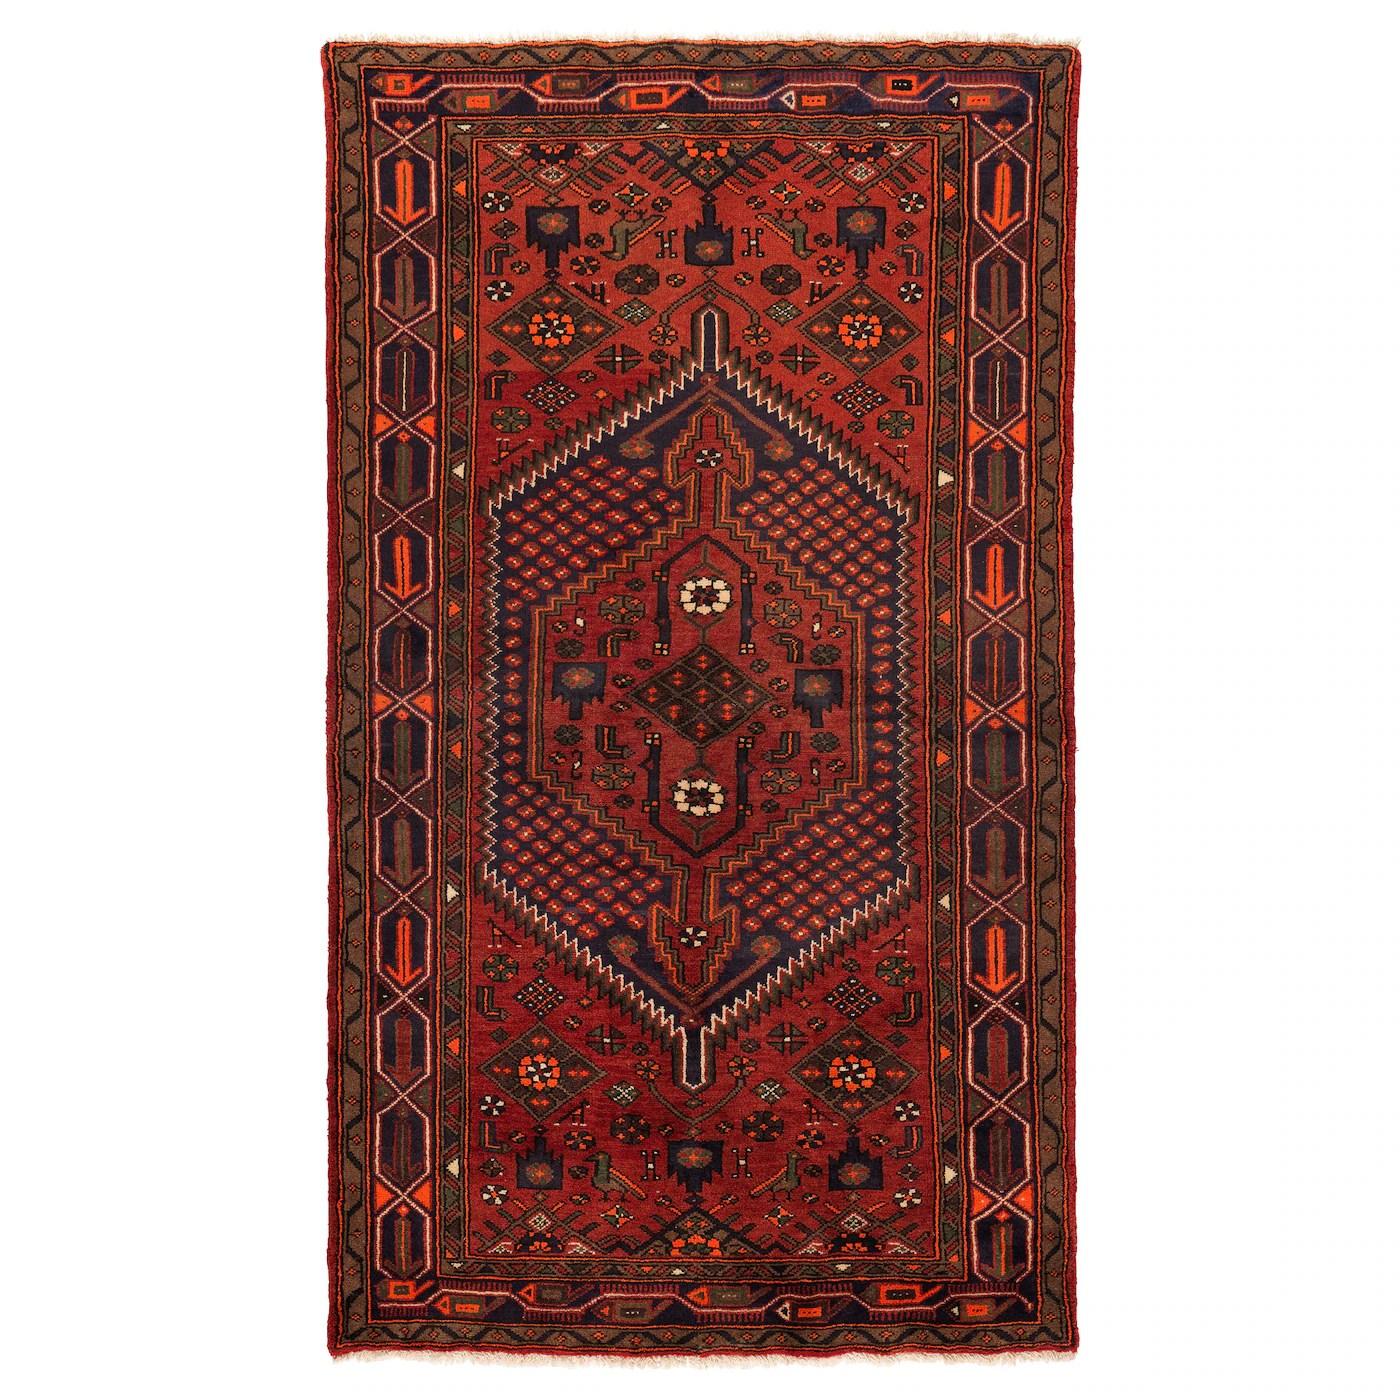 persisk hamadan tapis poils ras fait main motifs divers 140x200 cm